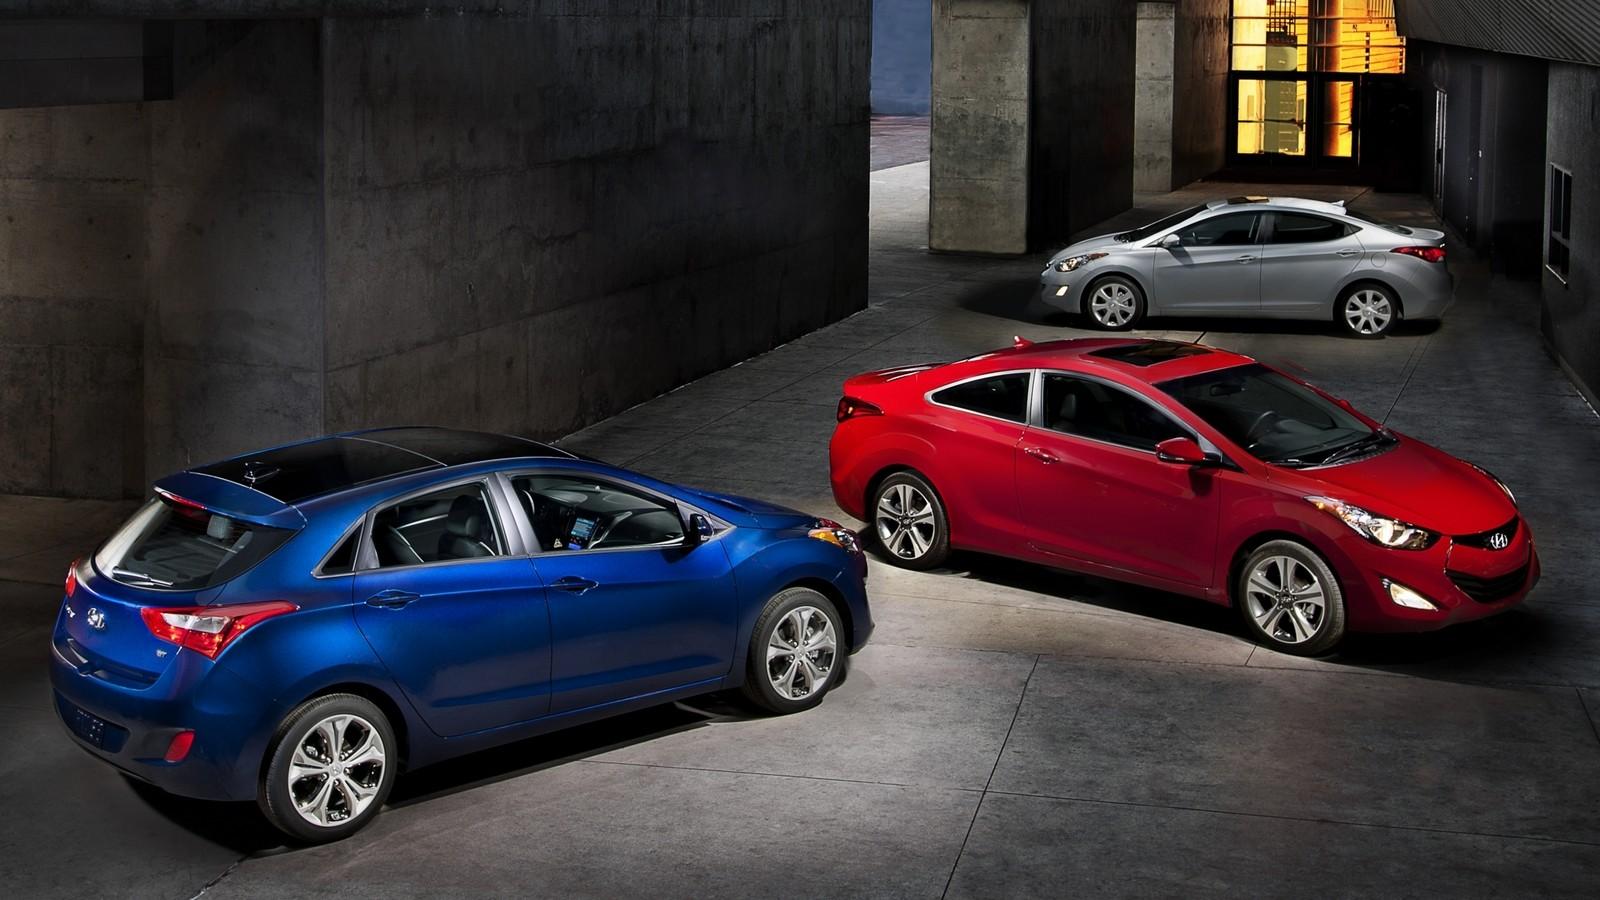 Купить книгу по ремонту и эксплуатации Hyundai Elantra 4